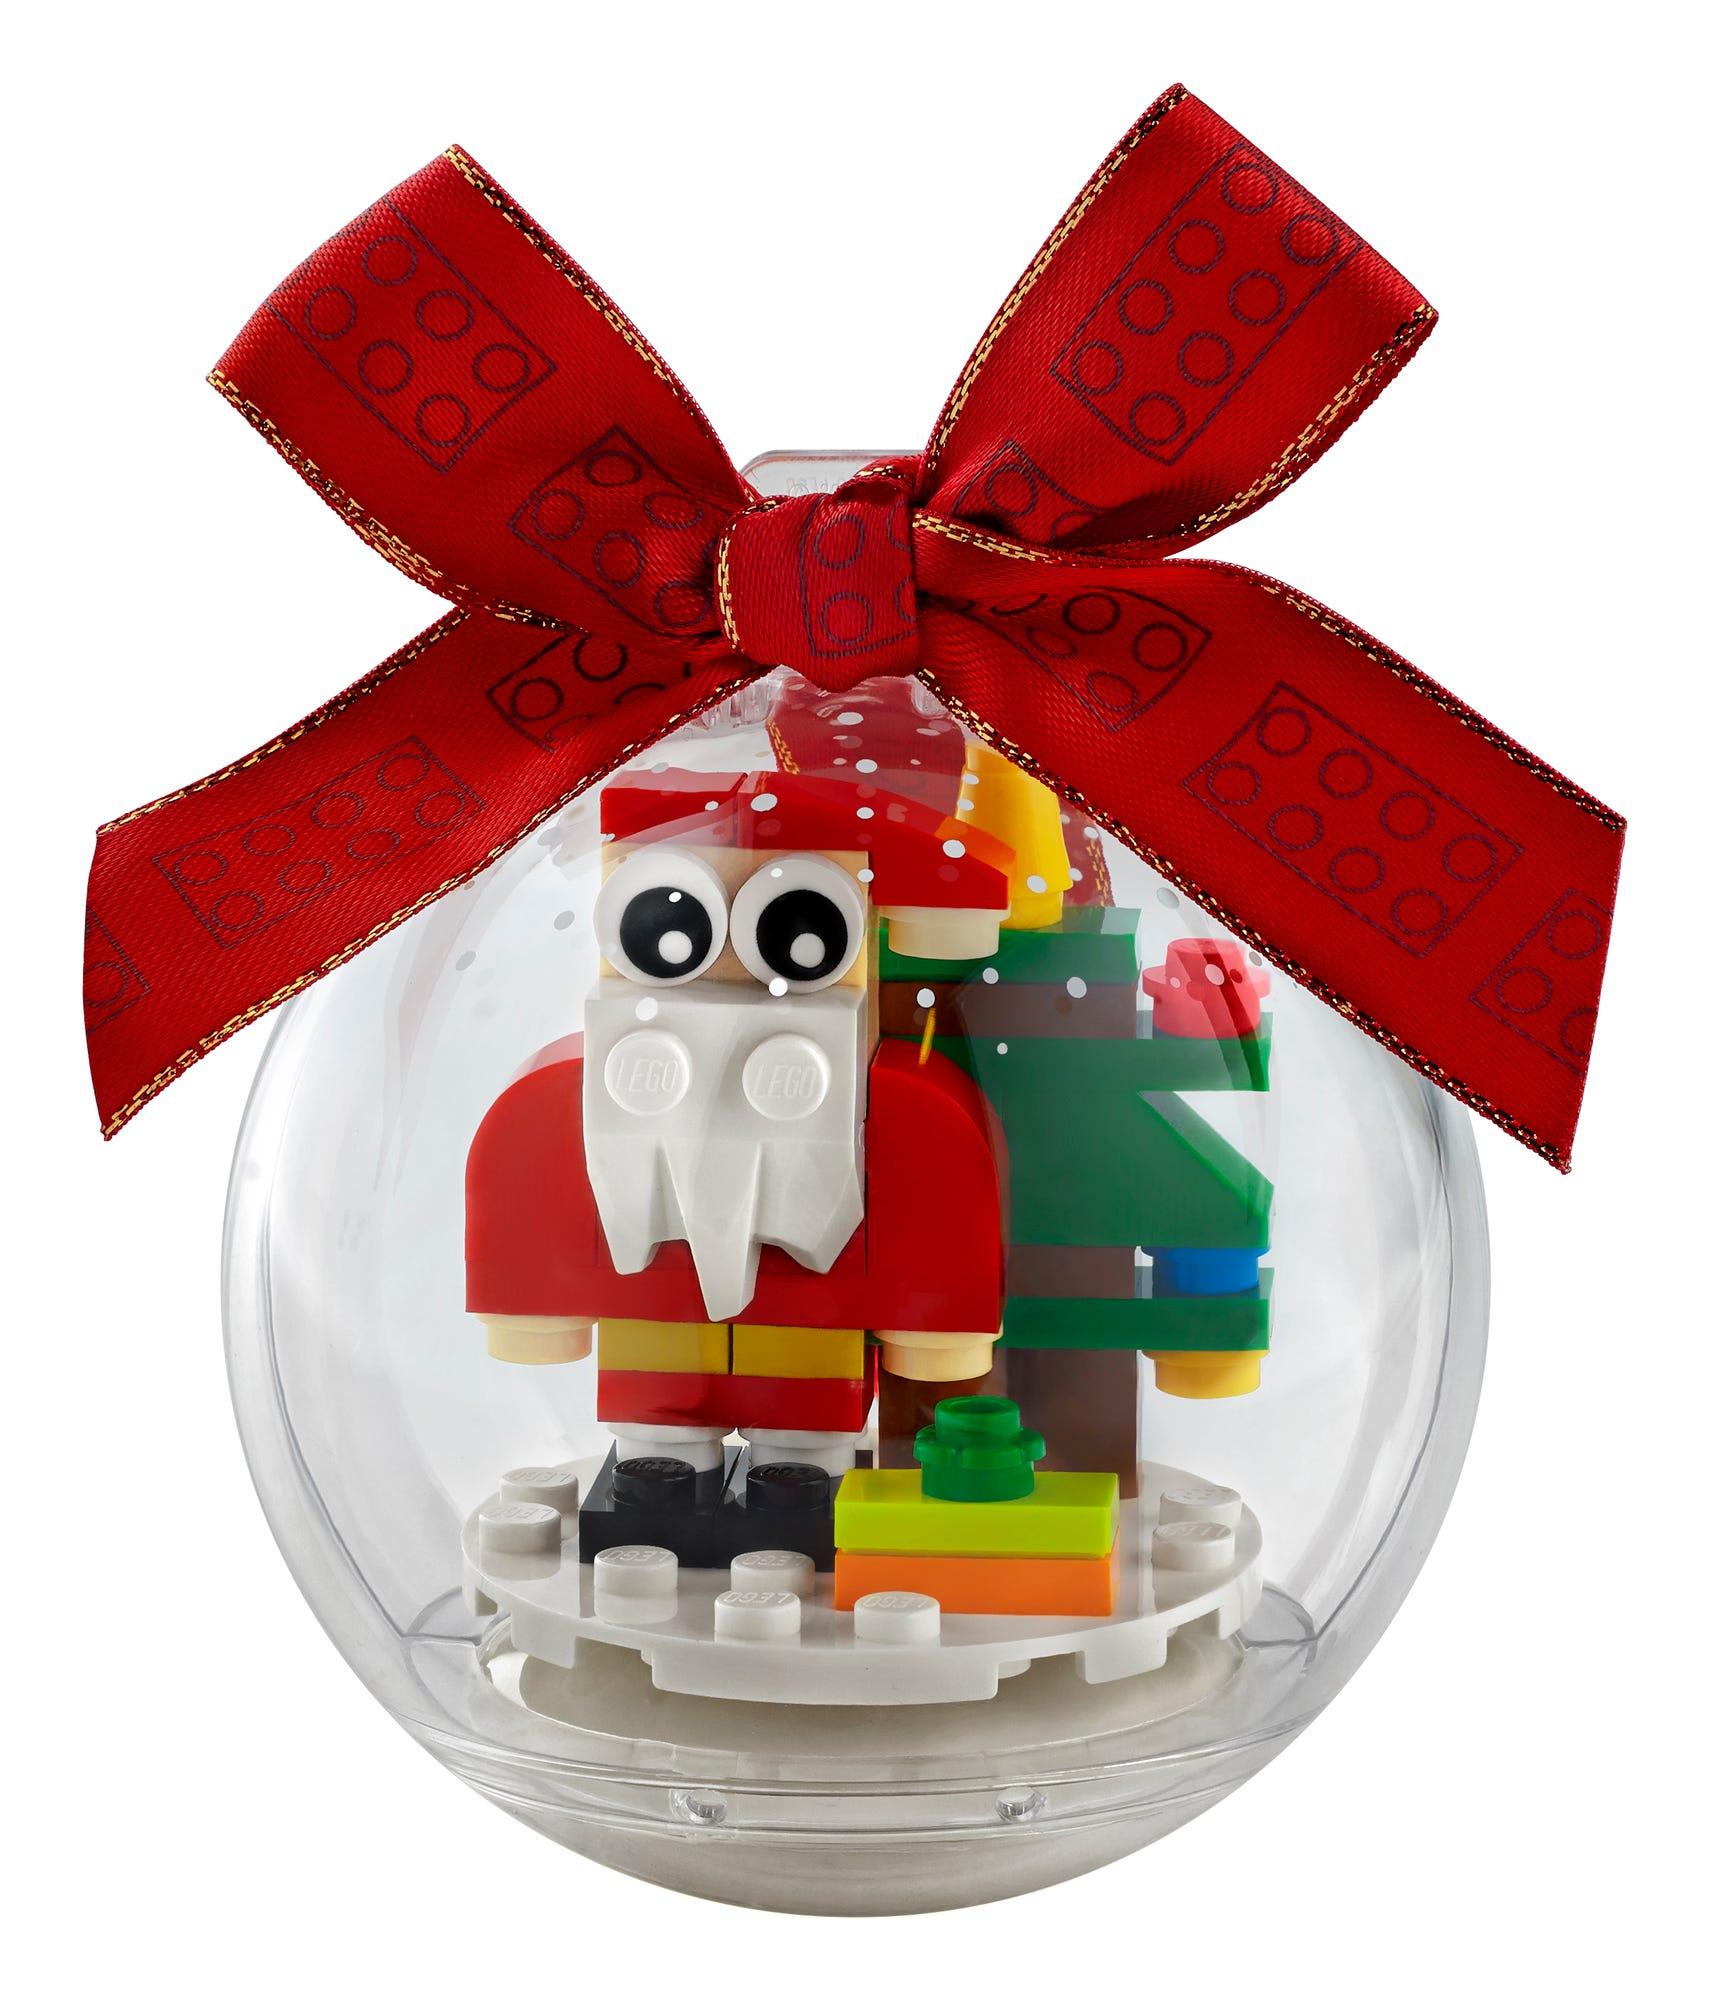 LEGO 854037 Santa Ornament (1)